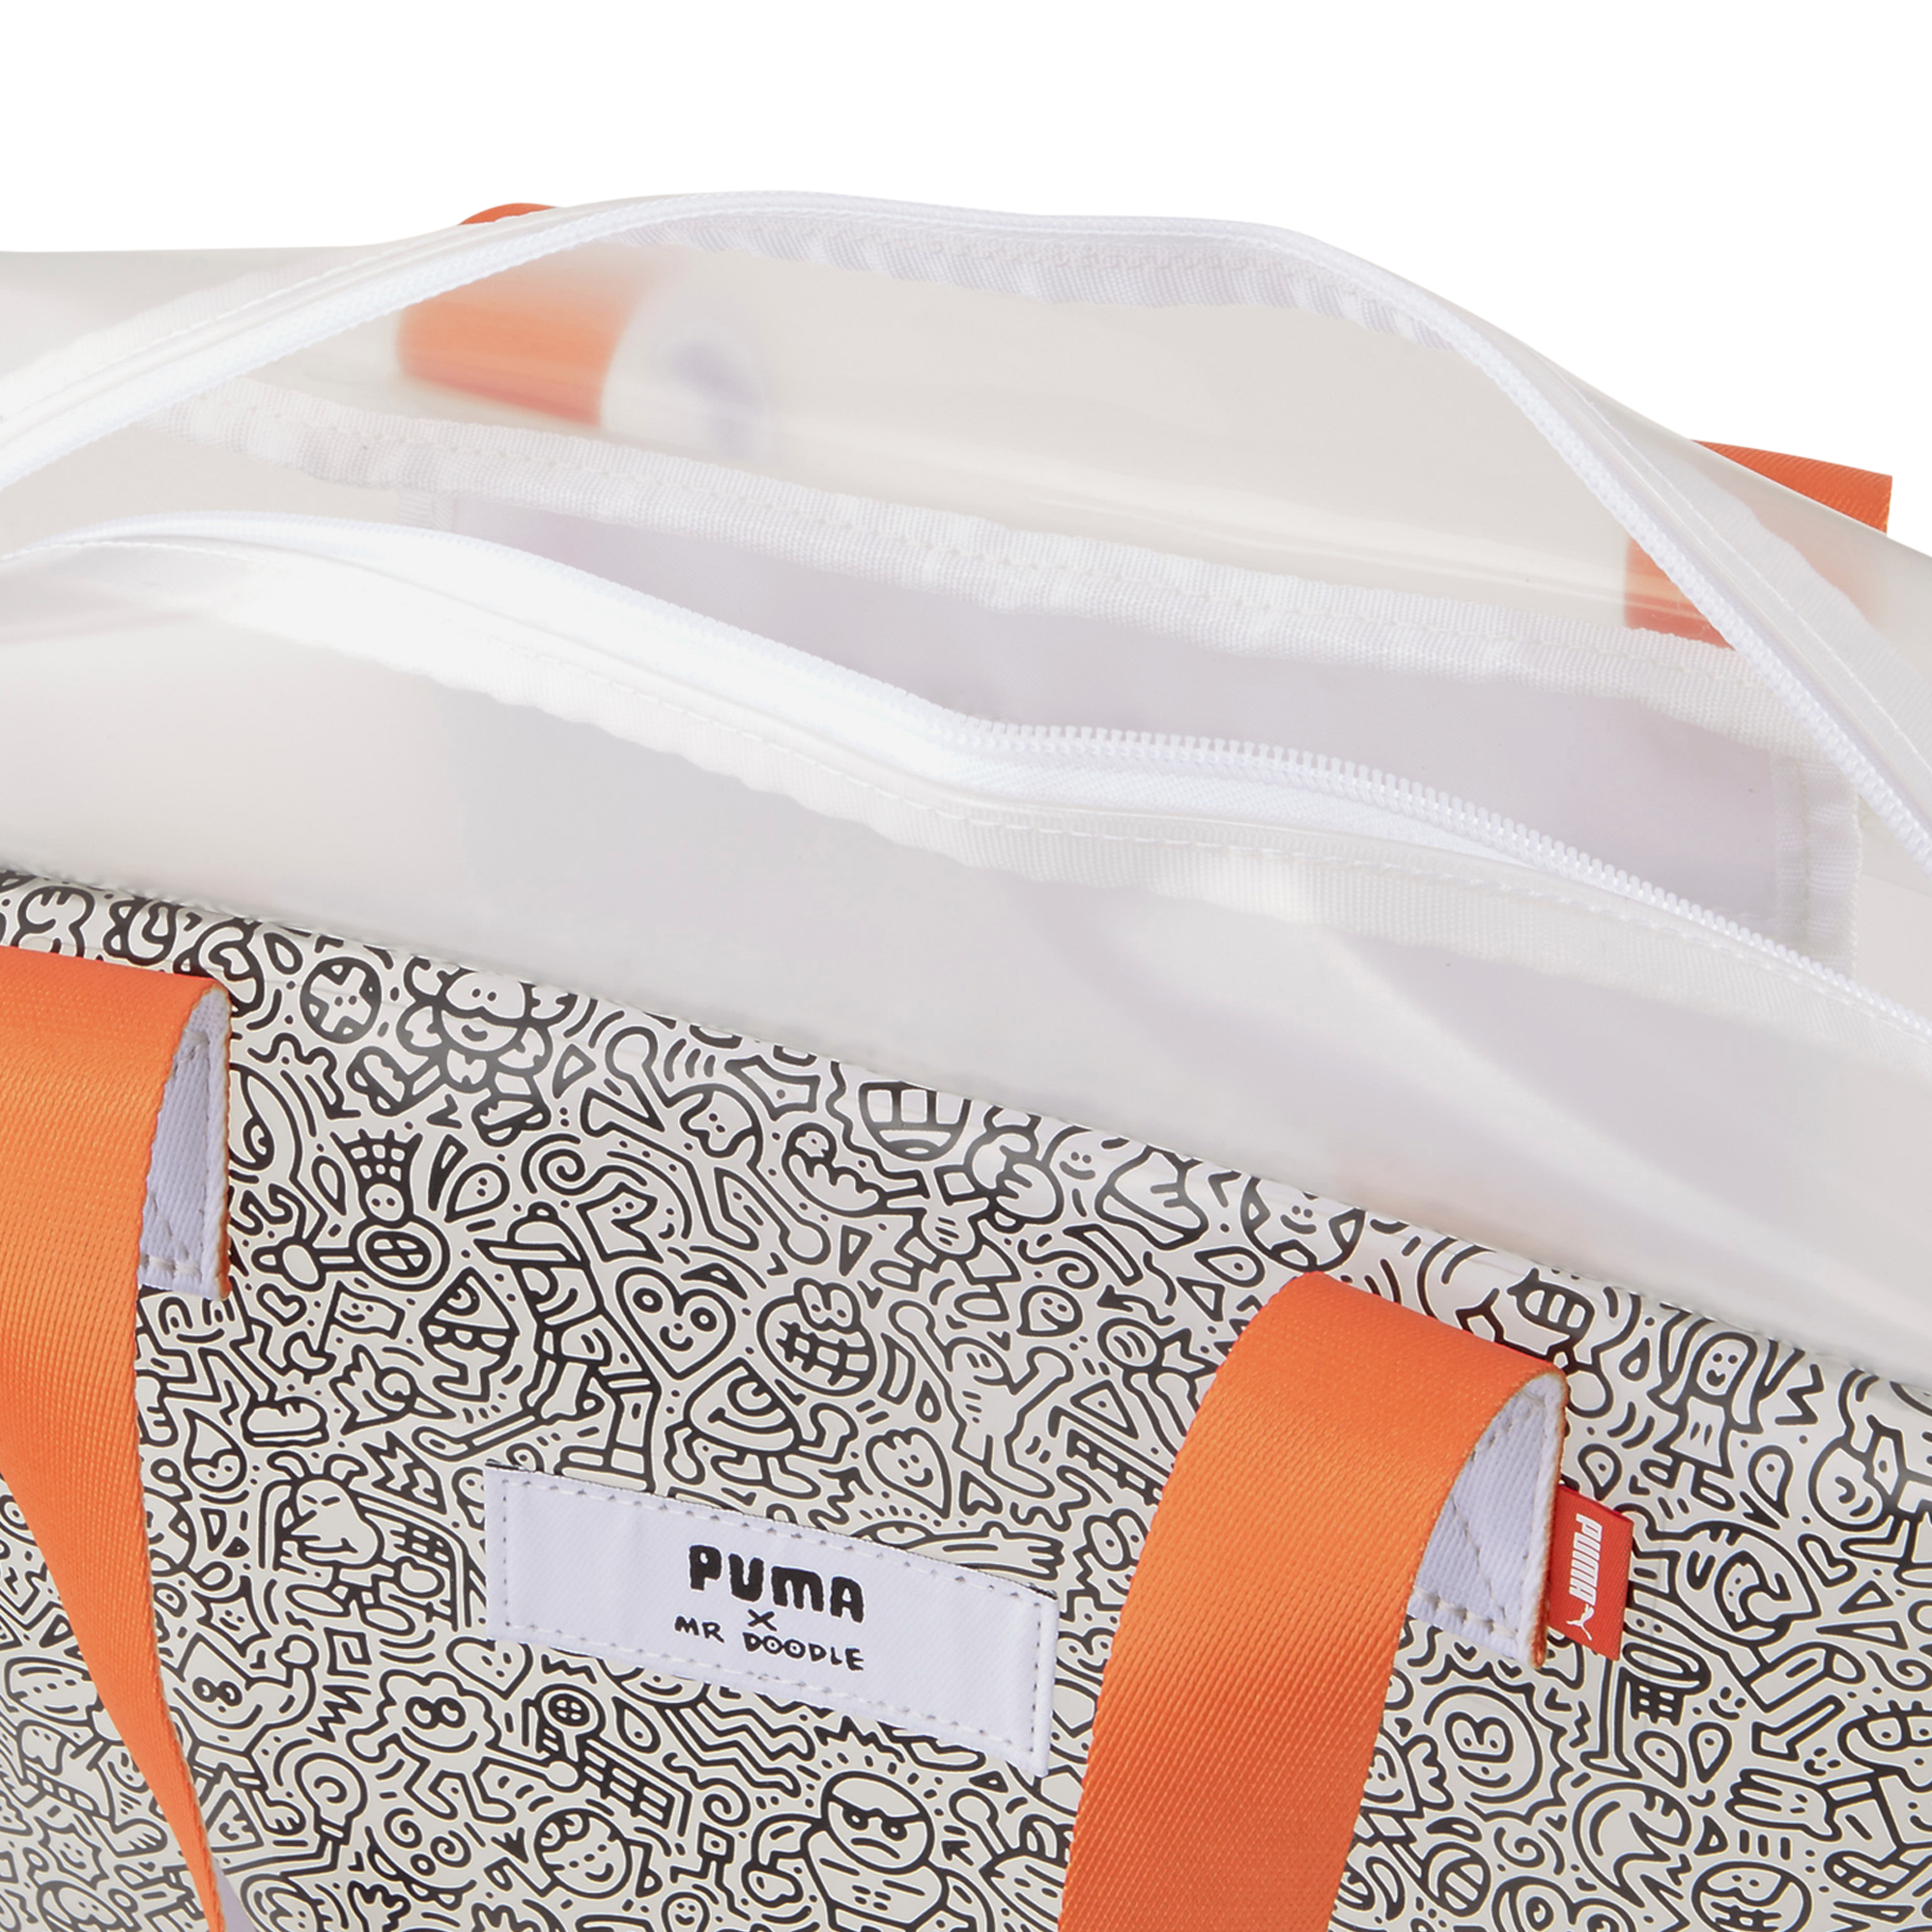 Puma x MR DOODLE Shopper Transparent/ Puma White/ Puma Black